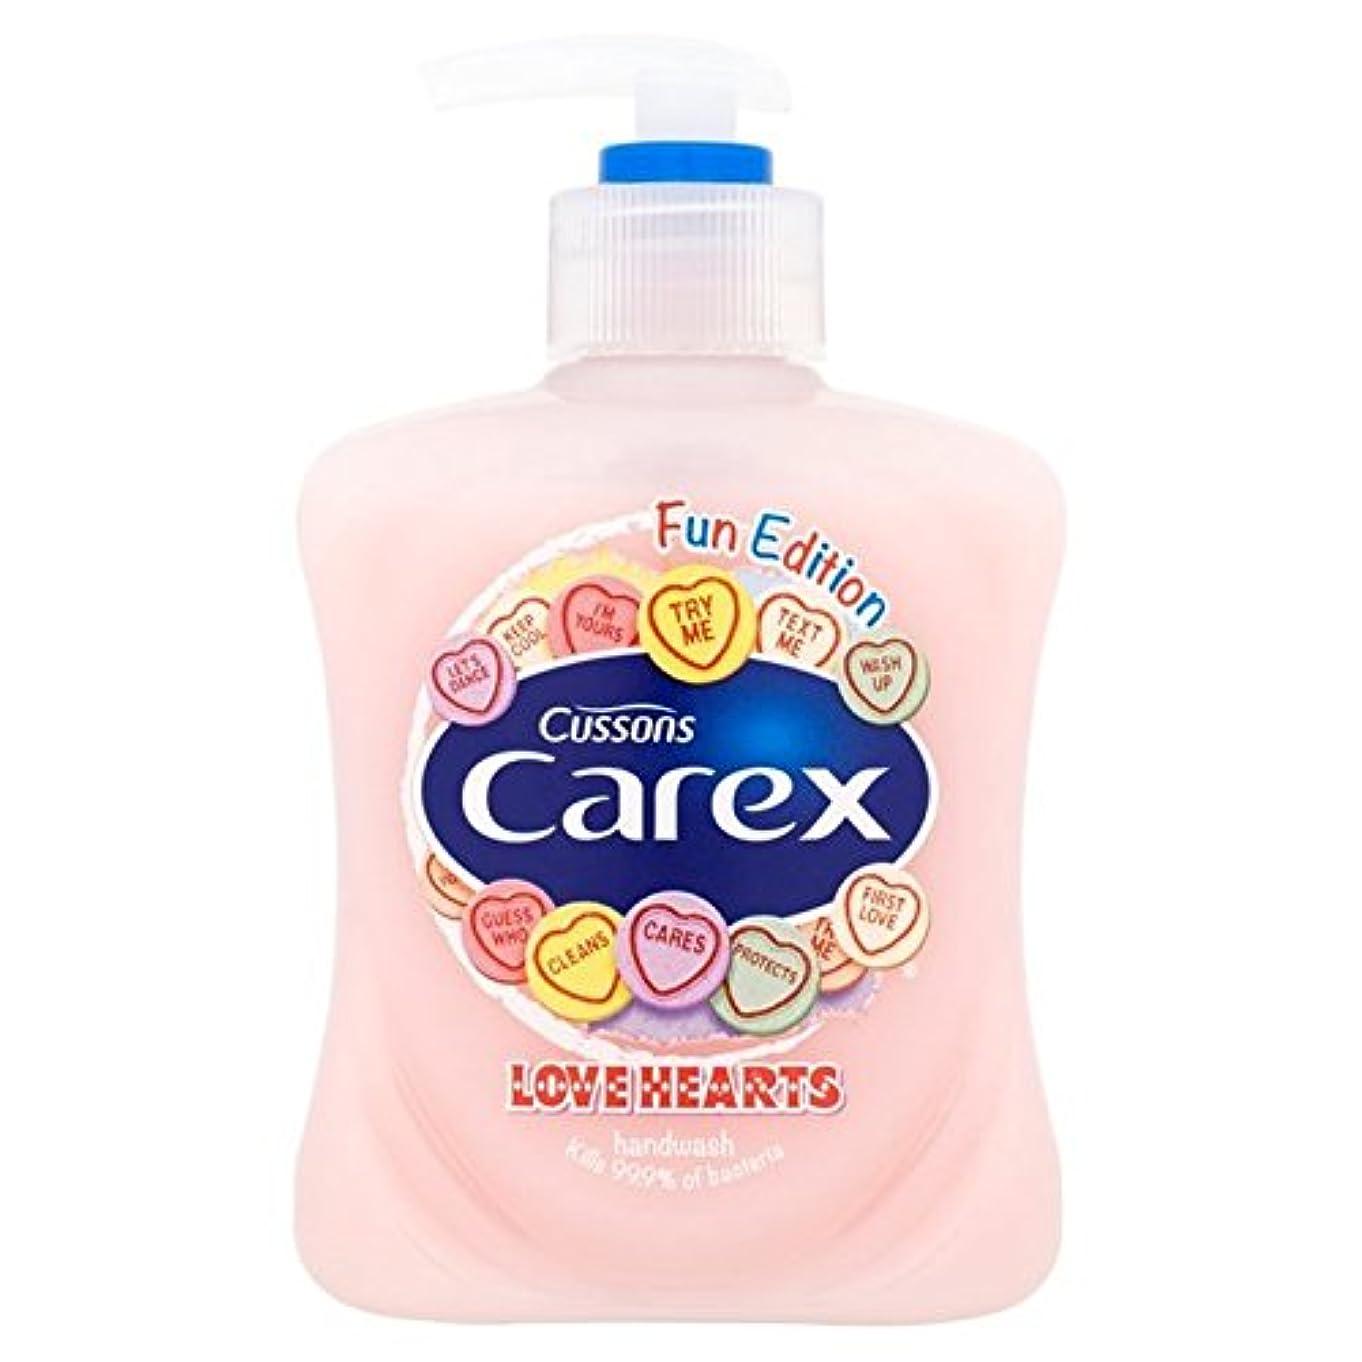 クレデンシャル想定曖昧なスゲ楽しい版愛の心のハンドウォッシュ250ミリリットル x4 - Carex Fun Edition Love Hearts Hand Wash 250ml (Pack of 4) [並行輸入品]